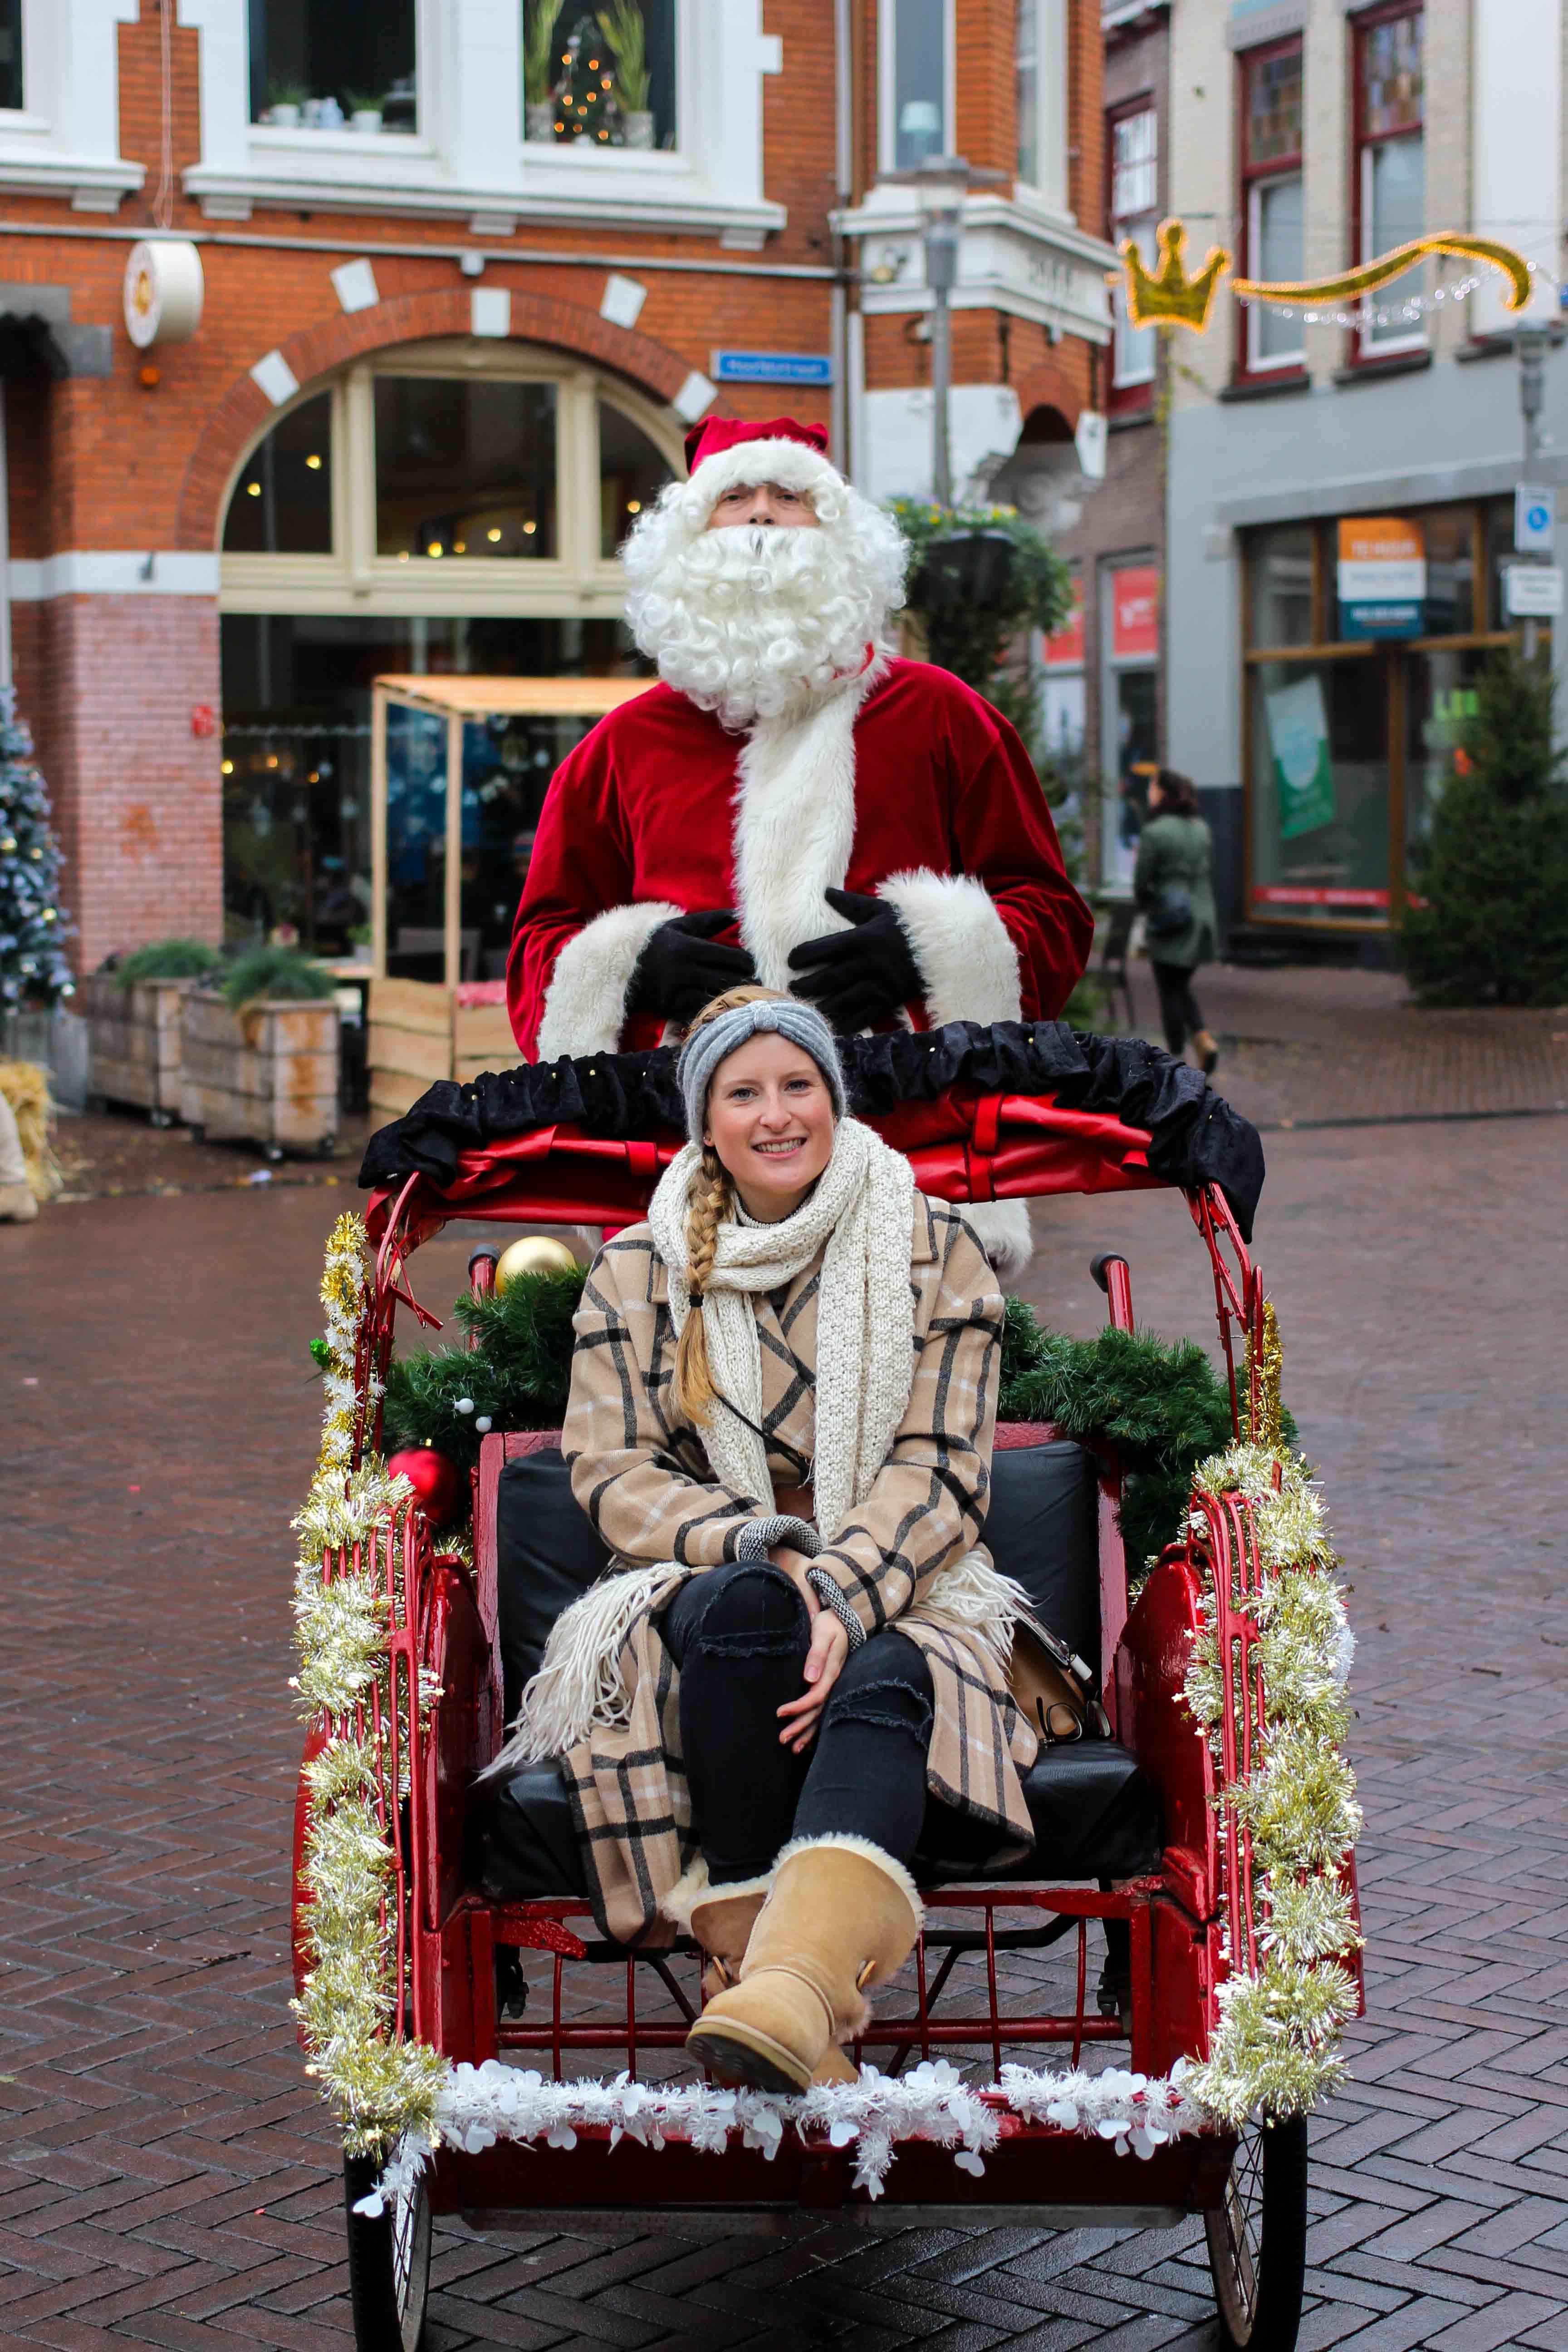 Wochenendtrip das andere Holland Kurztrip Apeldoorn Winterfair Weihnachtsmann